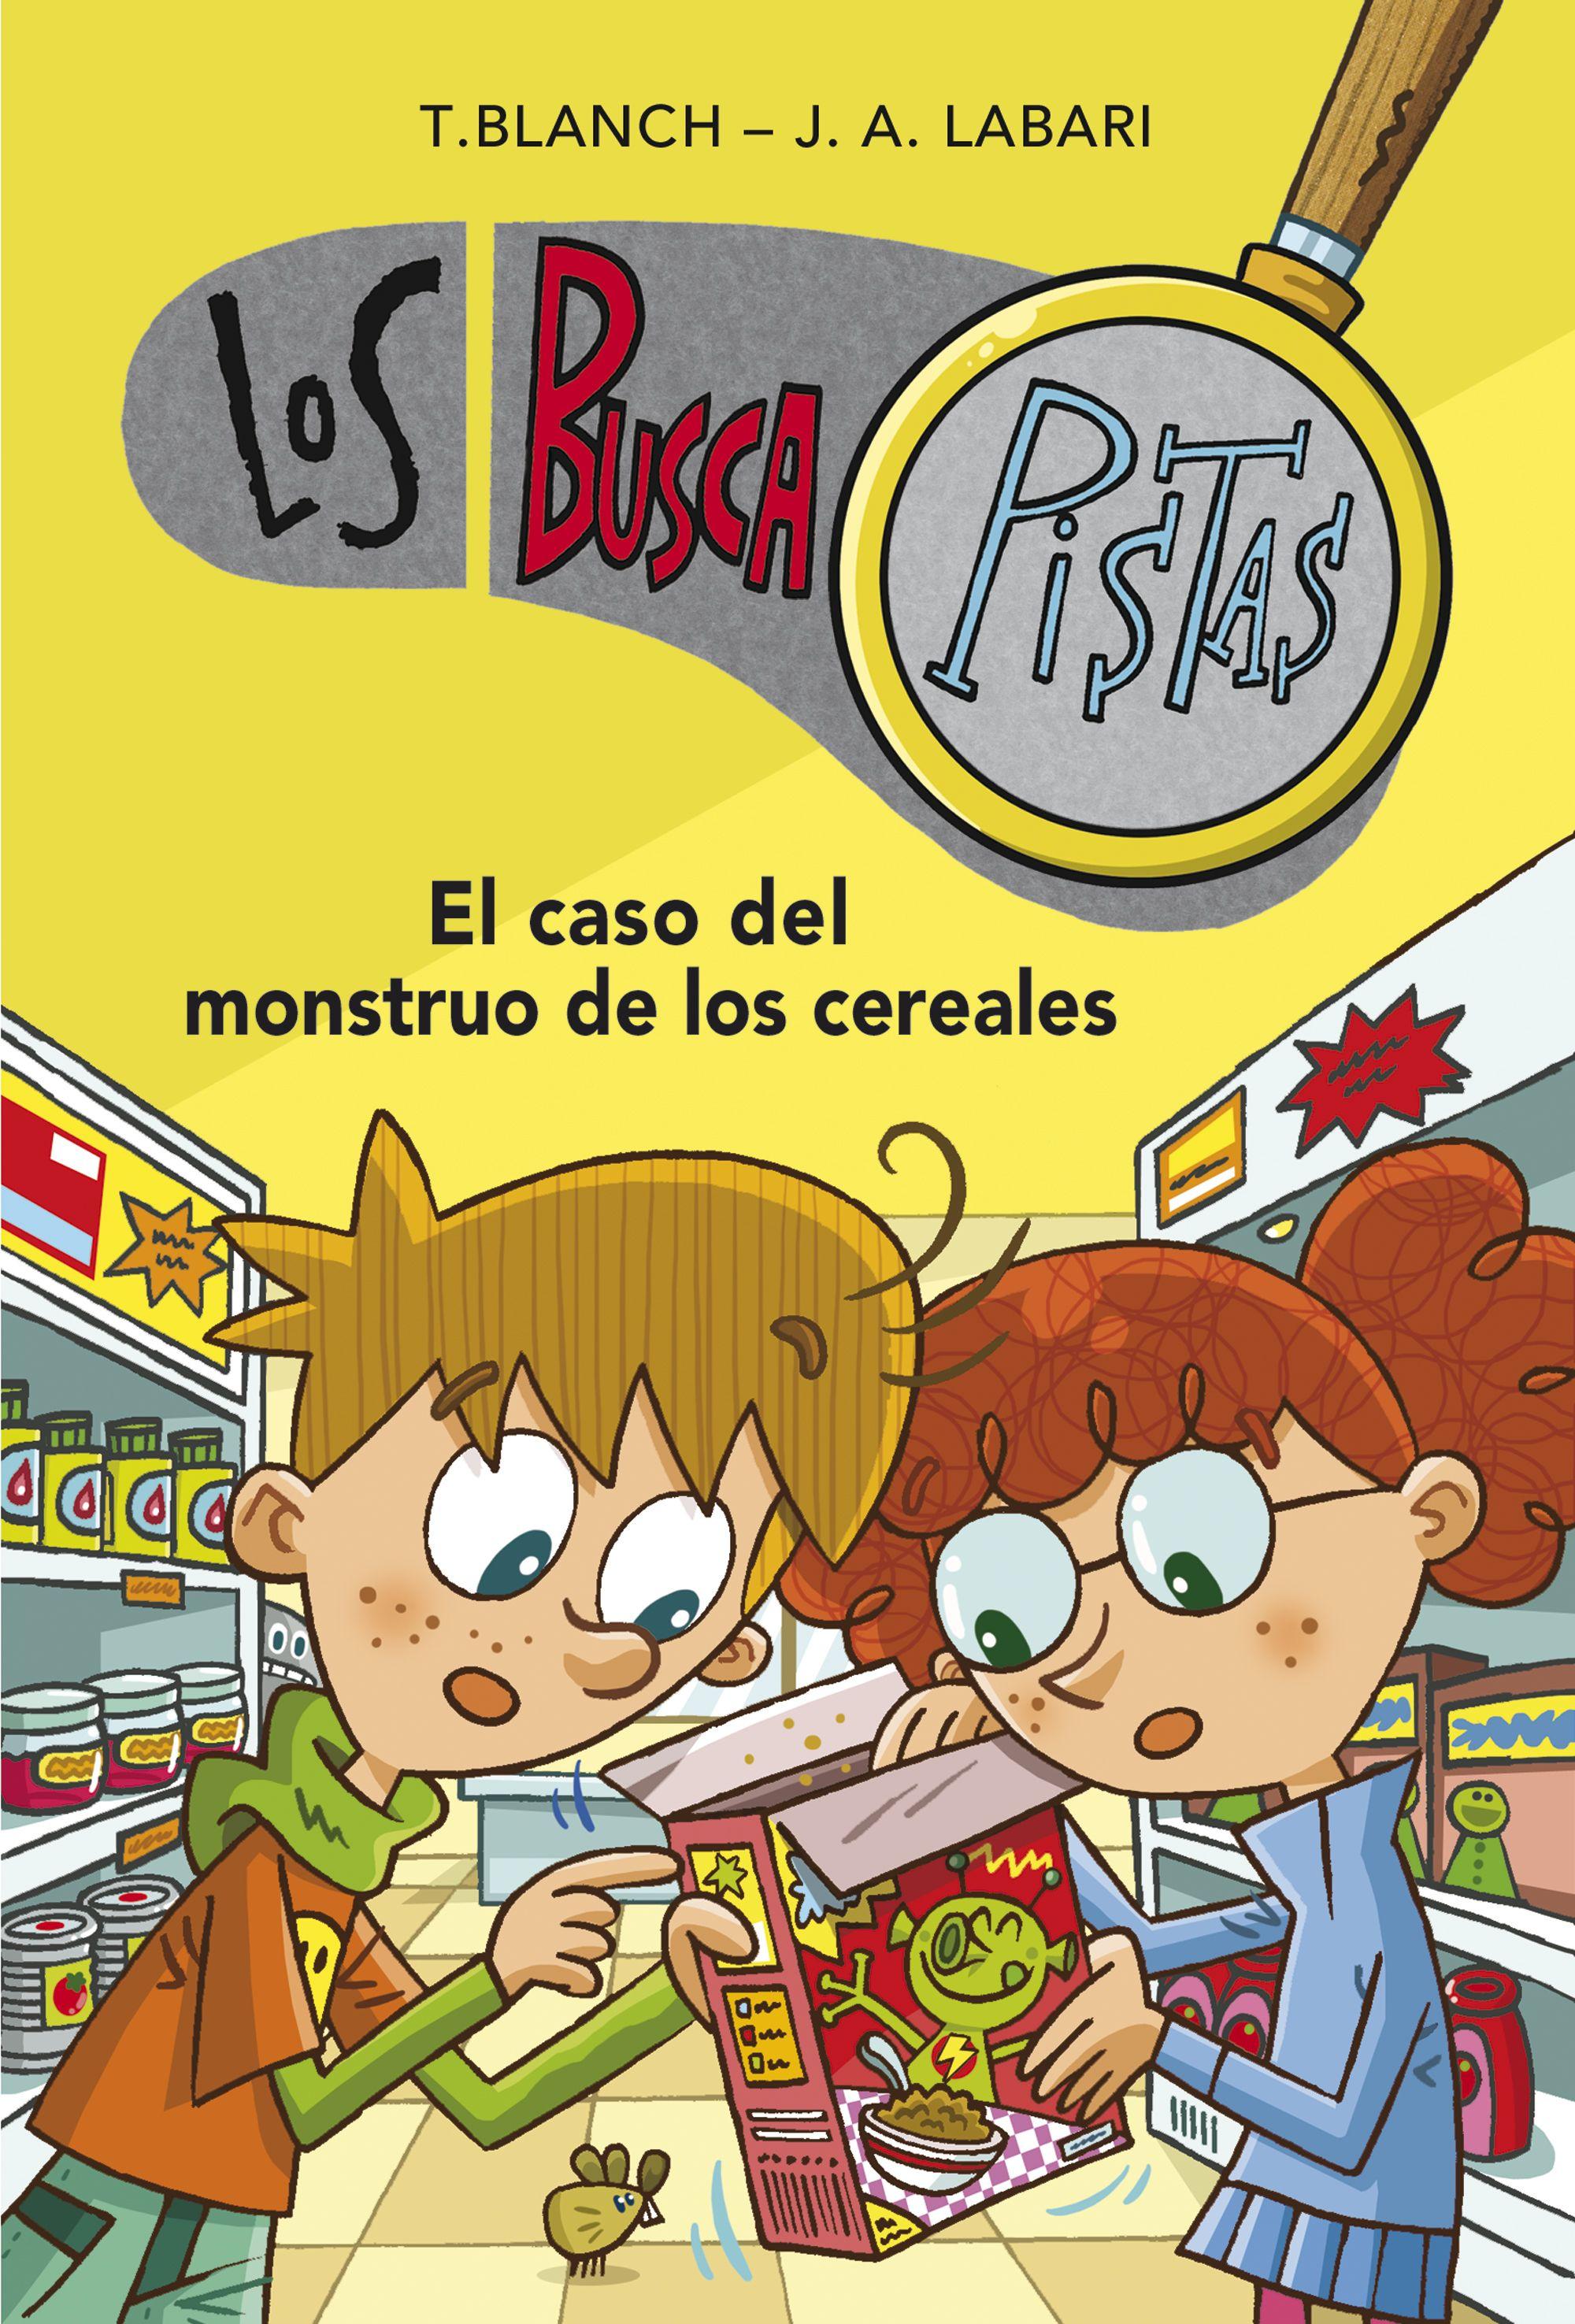 El Caso Del Monstruo De Los Cereales Los Buscapistas 6 Ebook T Blanch 9788490432211 Descargar El Ebook Monstruos Libros Para Niños Juegos De Busqueda